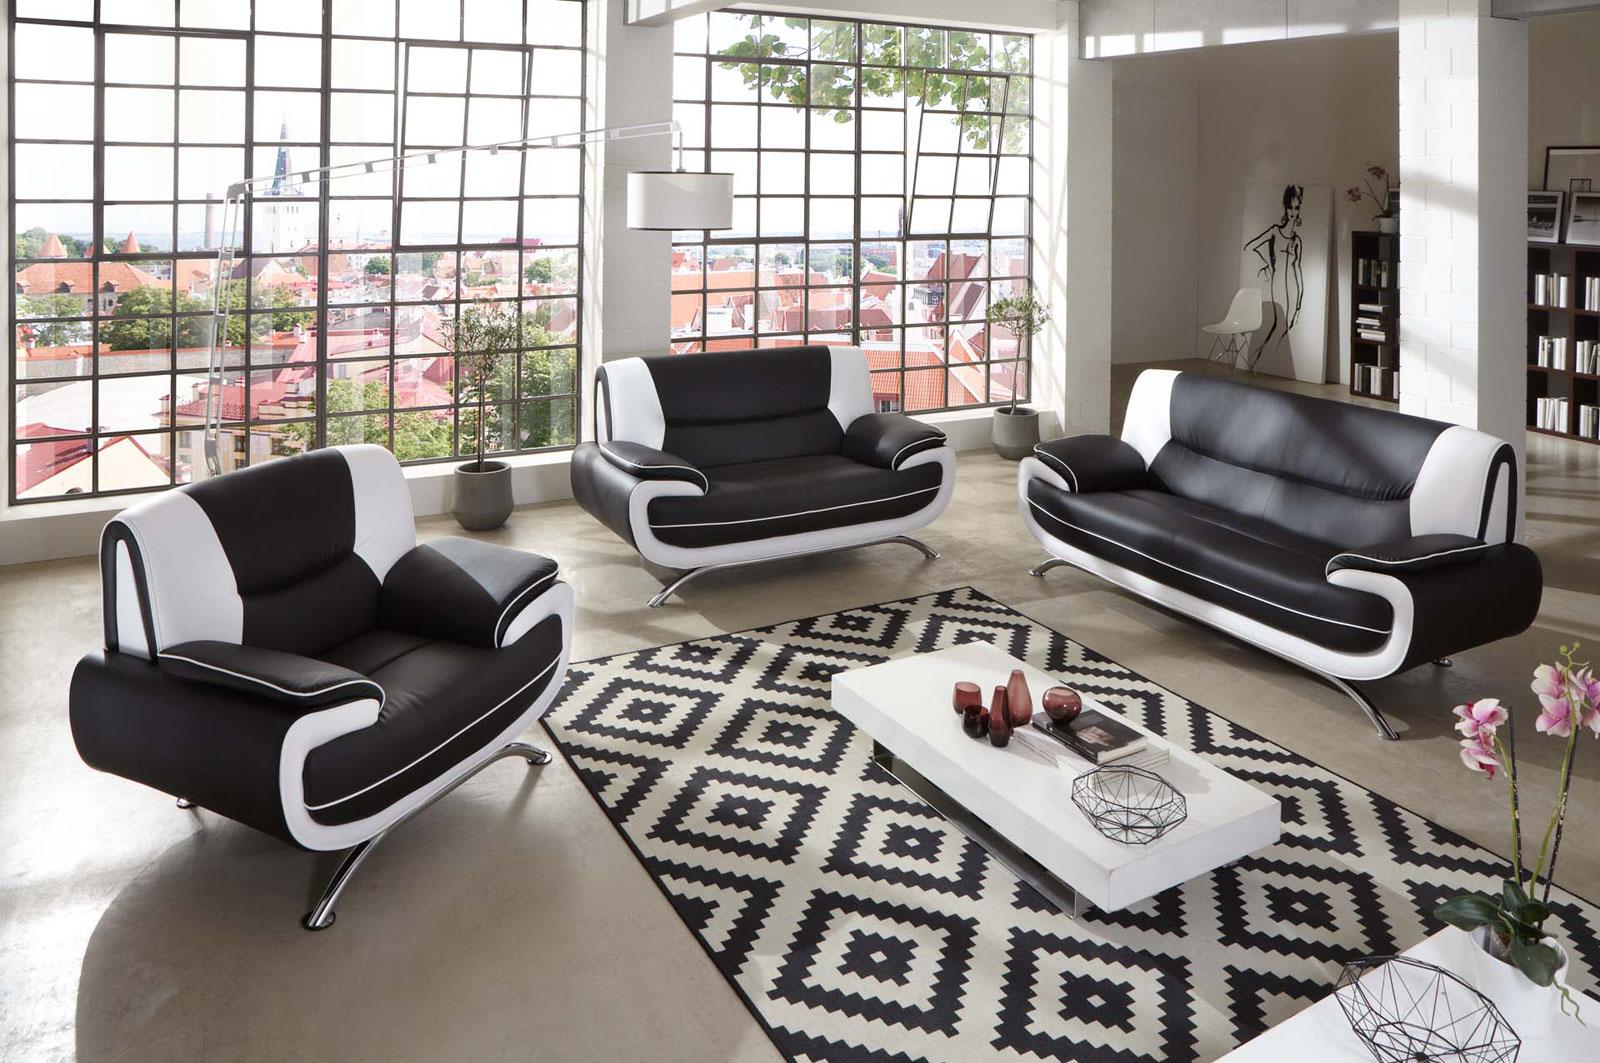 sam sofa garnitur 3tlg in schwarz wei passero 3 2 1 demnchst - Schwarz Wei Sofa